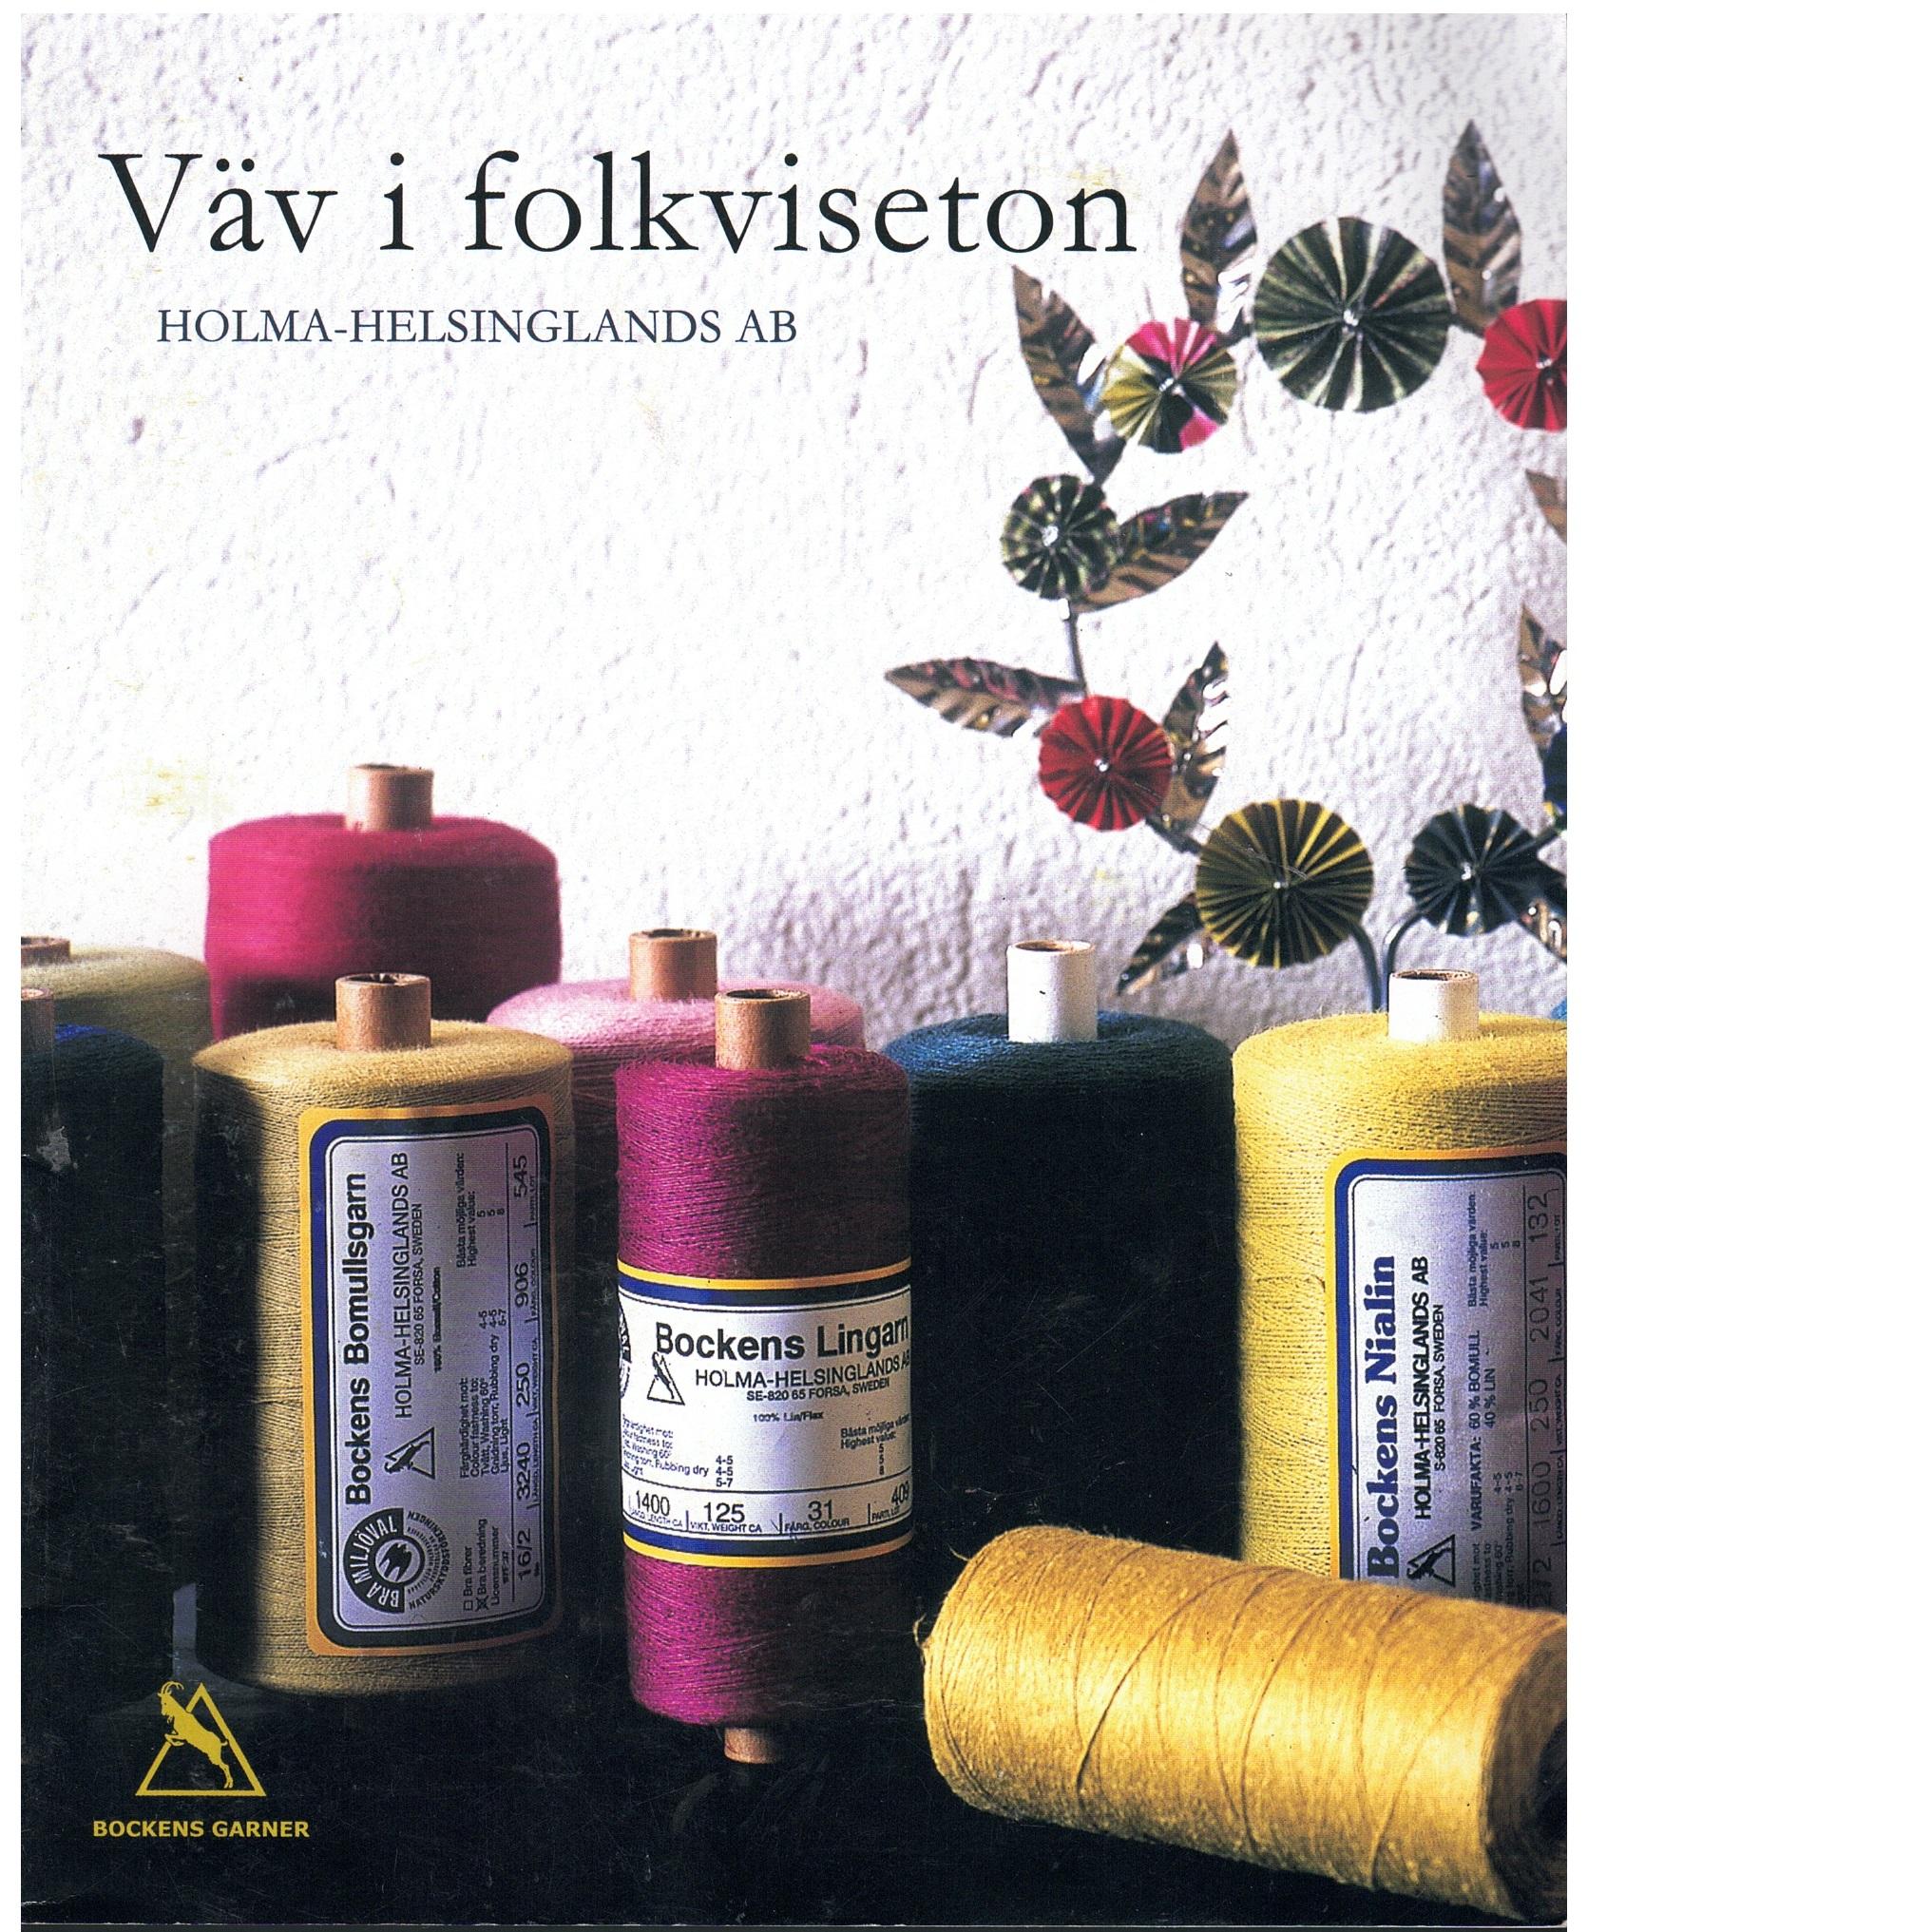 Väv i folkviseton. Holma-Helsinglands AB. (Vävnadsgarner) - Red.